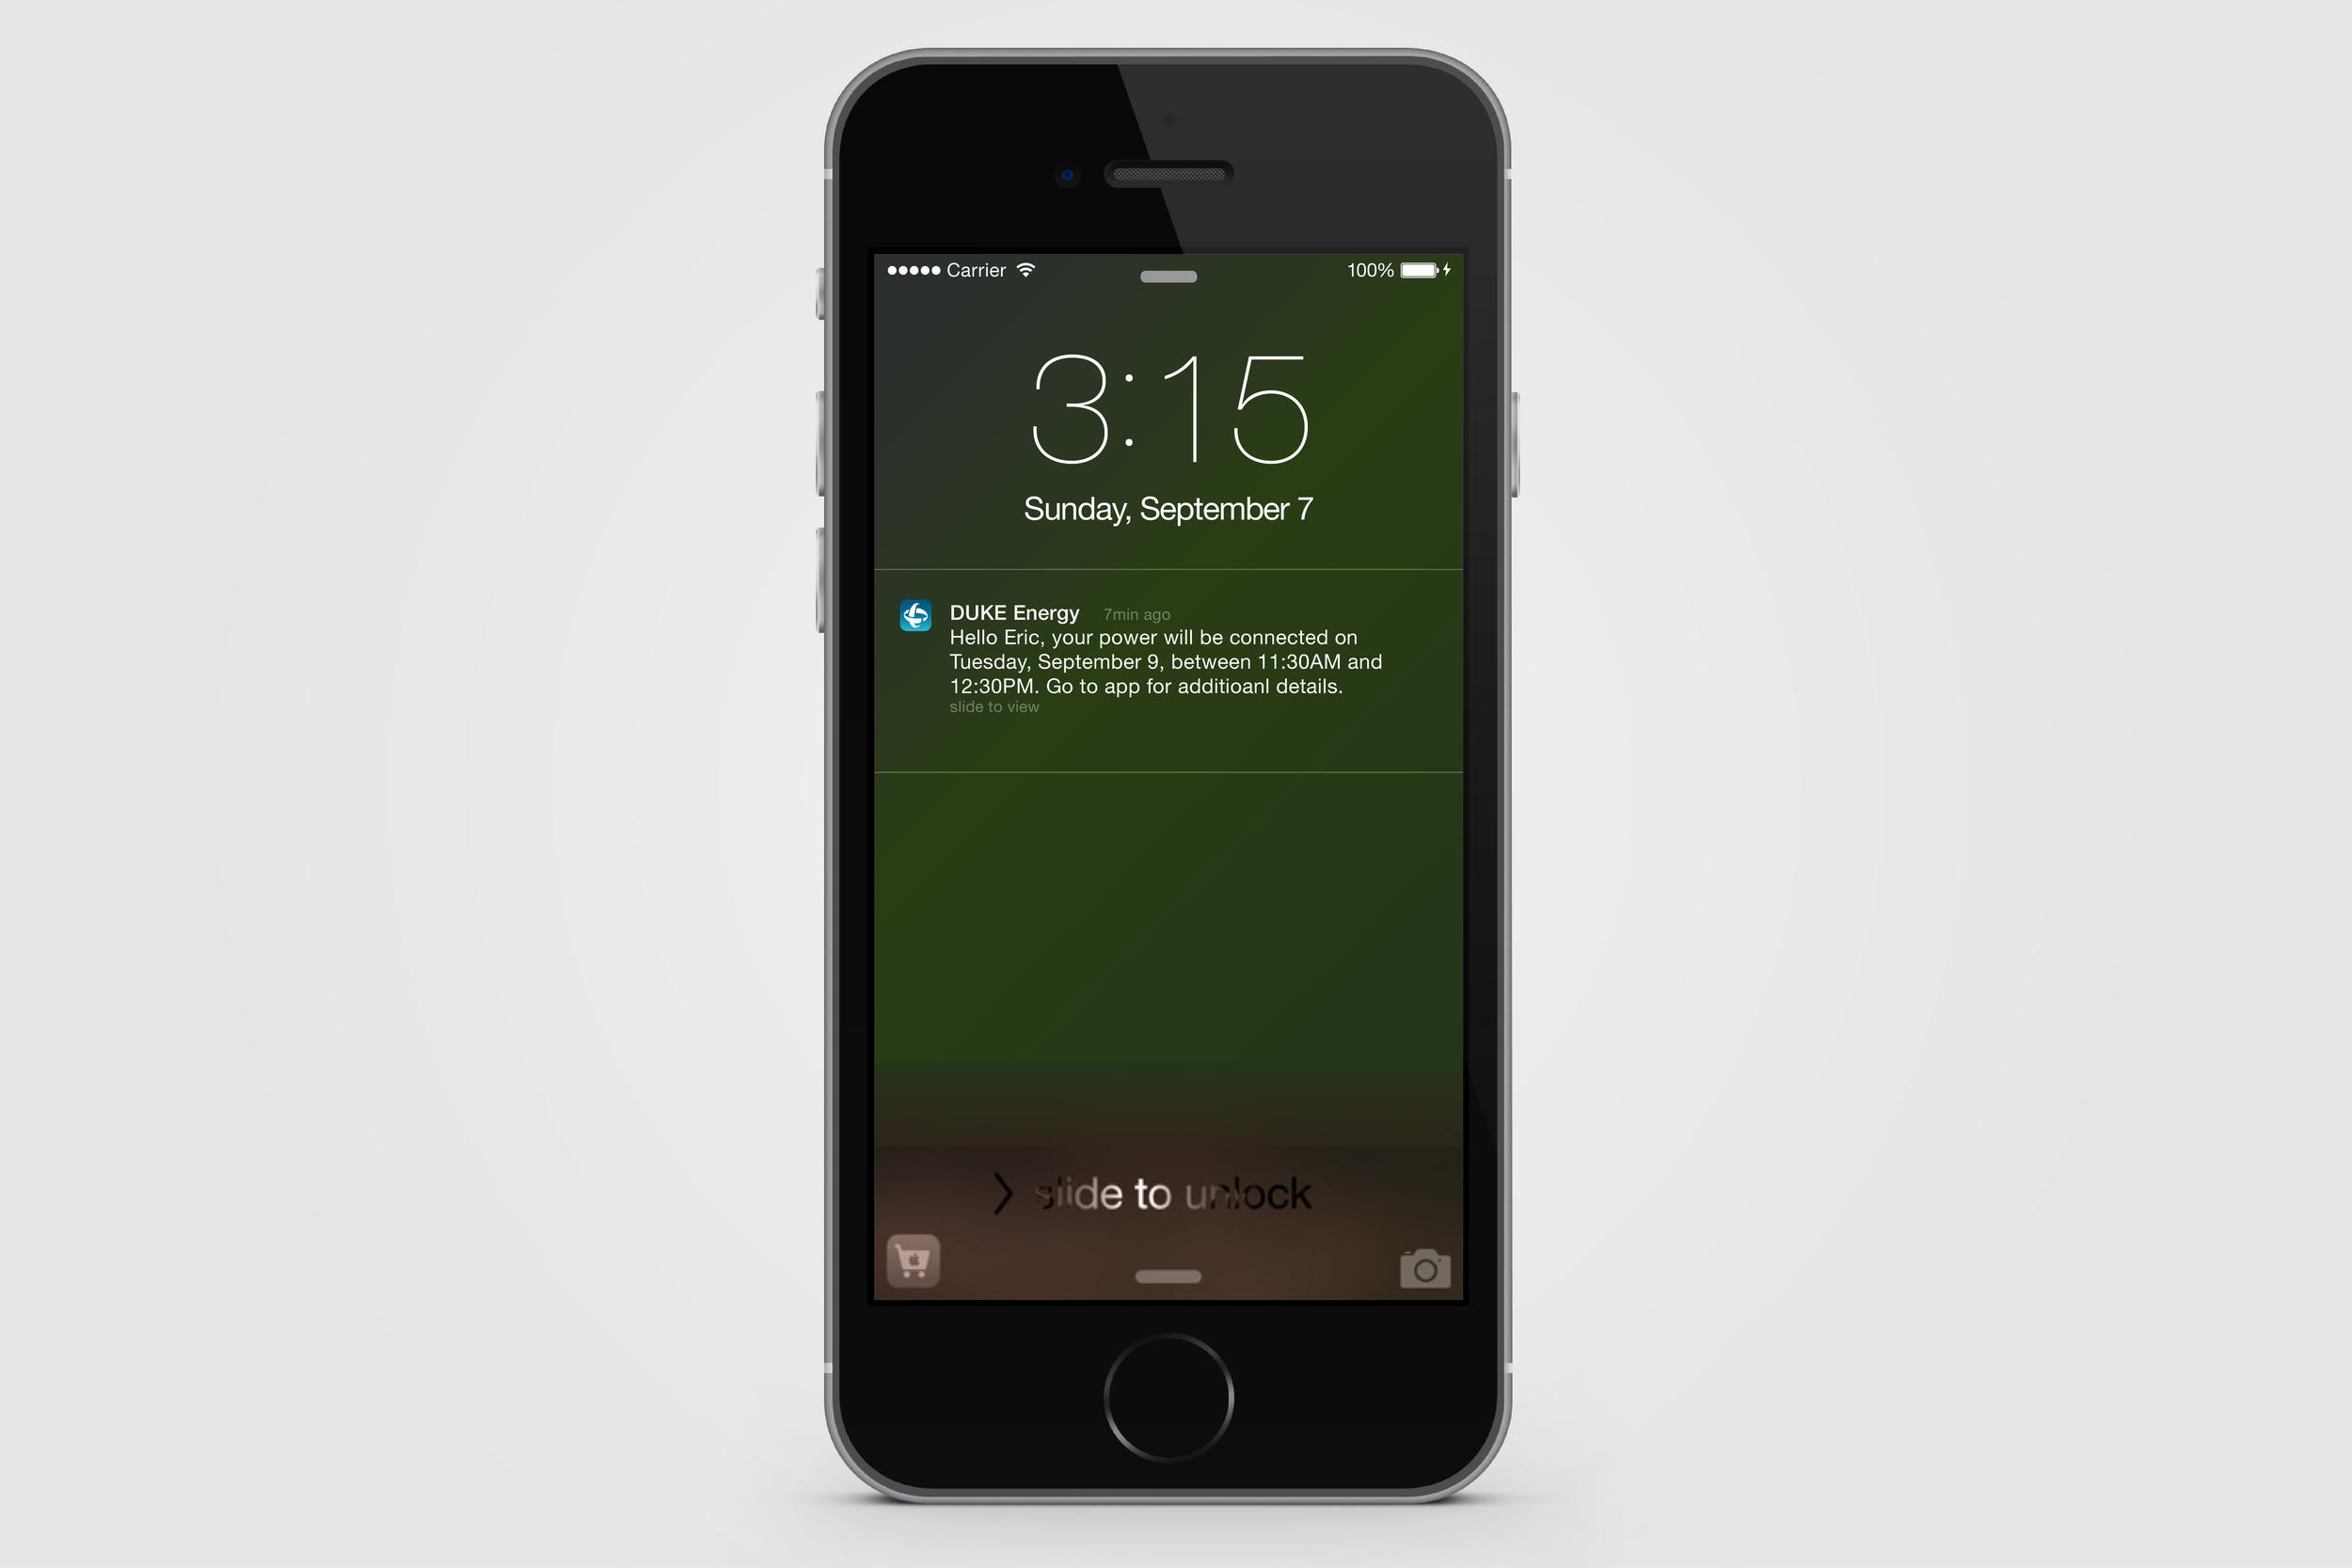 DUKE_Energy_MobileApp_iOS-07.jpg